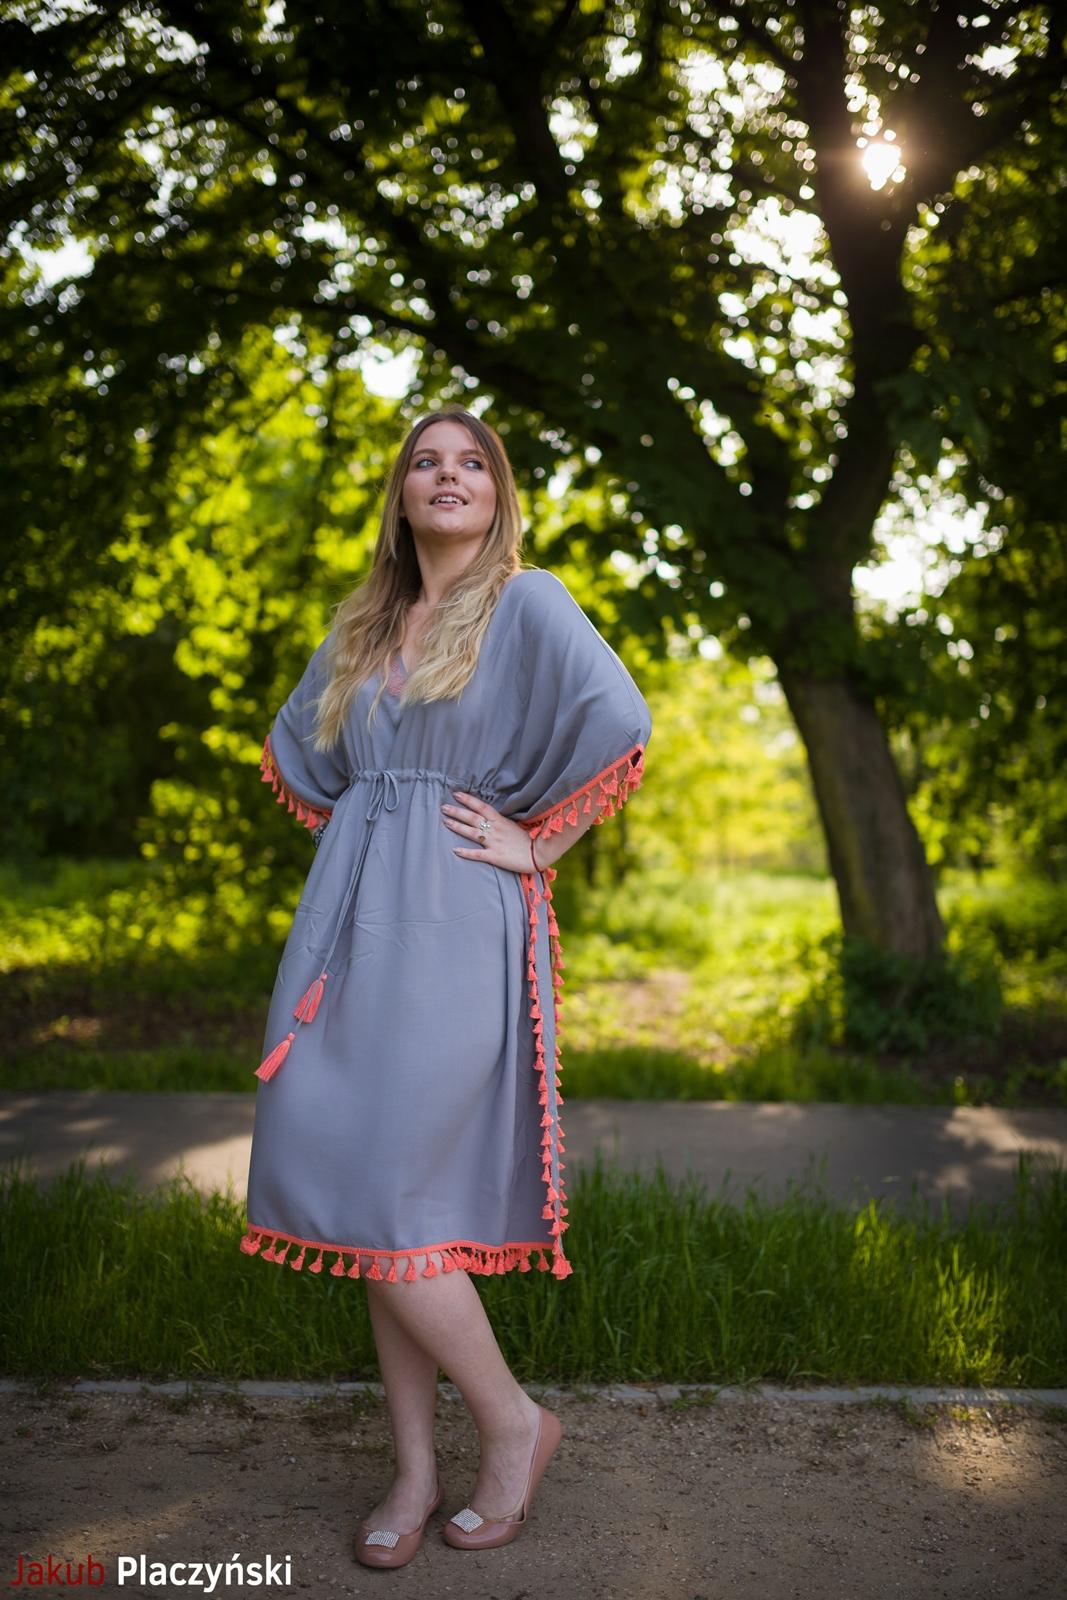 3 sukienka szara z frędzlami maxi na lato bonprix sukienki na wakacje bizuteria piotrowski kryształy svarowskiego letnia stylizacja melodylaniella sukienka dla wysokiej dziewczyny fashion moda